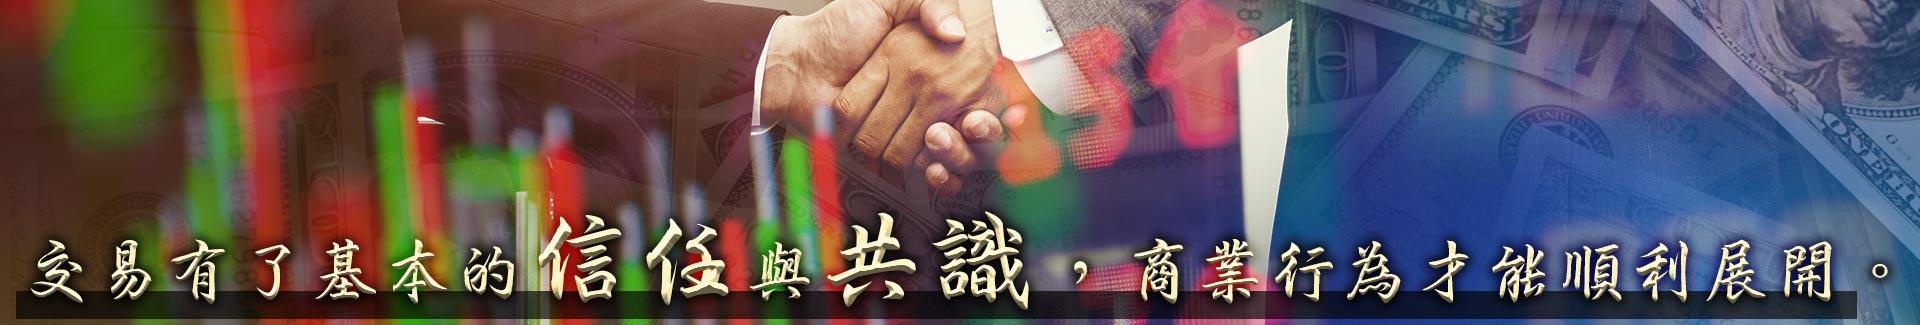 交易有了基本的信任與共識,商業行為才能順利展開